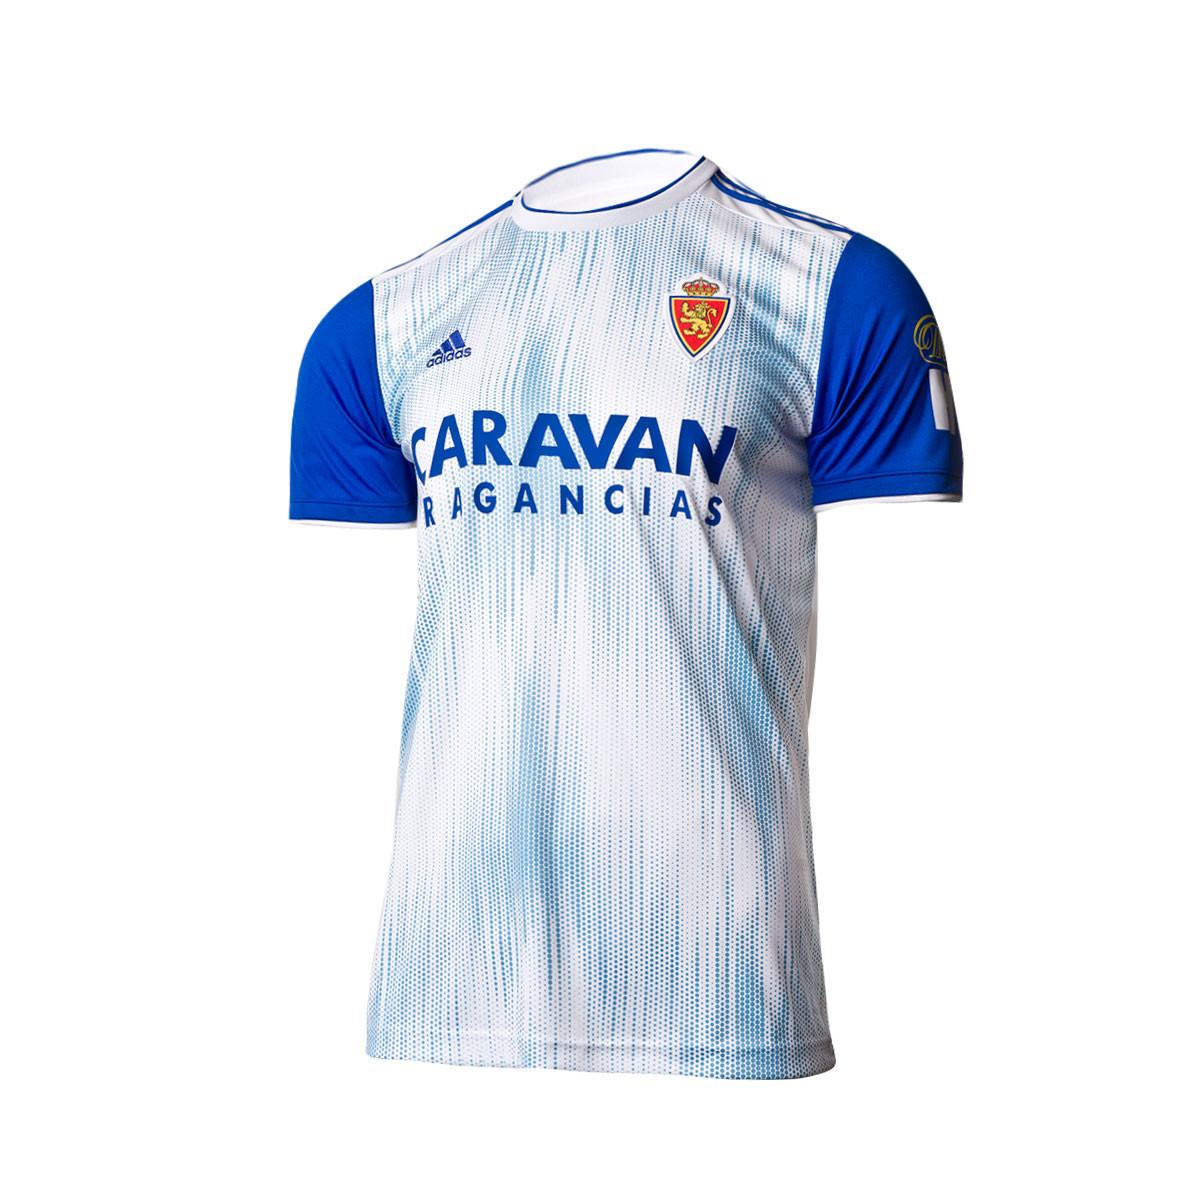 Camiseta adidas Real Zaragoza Primera Equipación 2019 2020